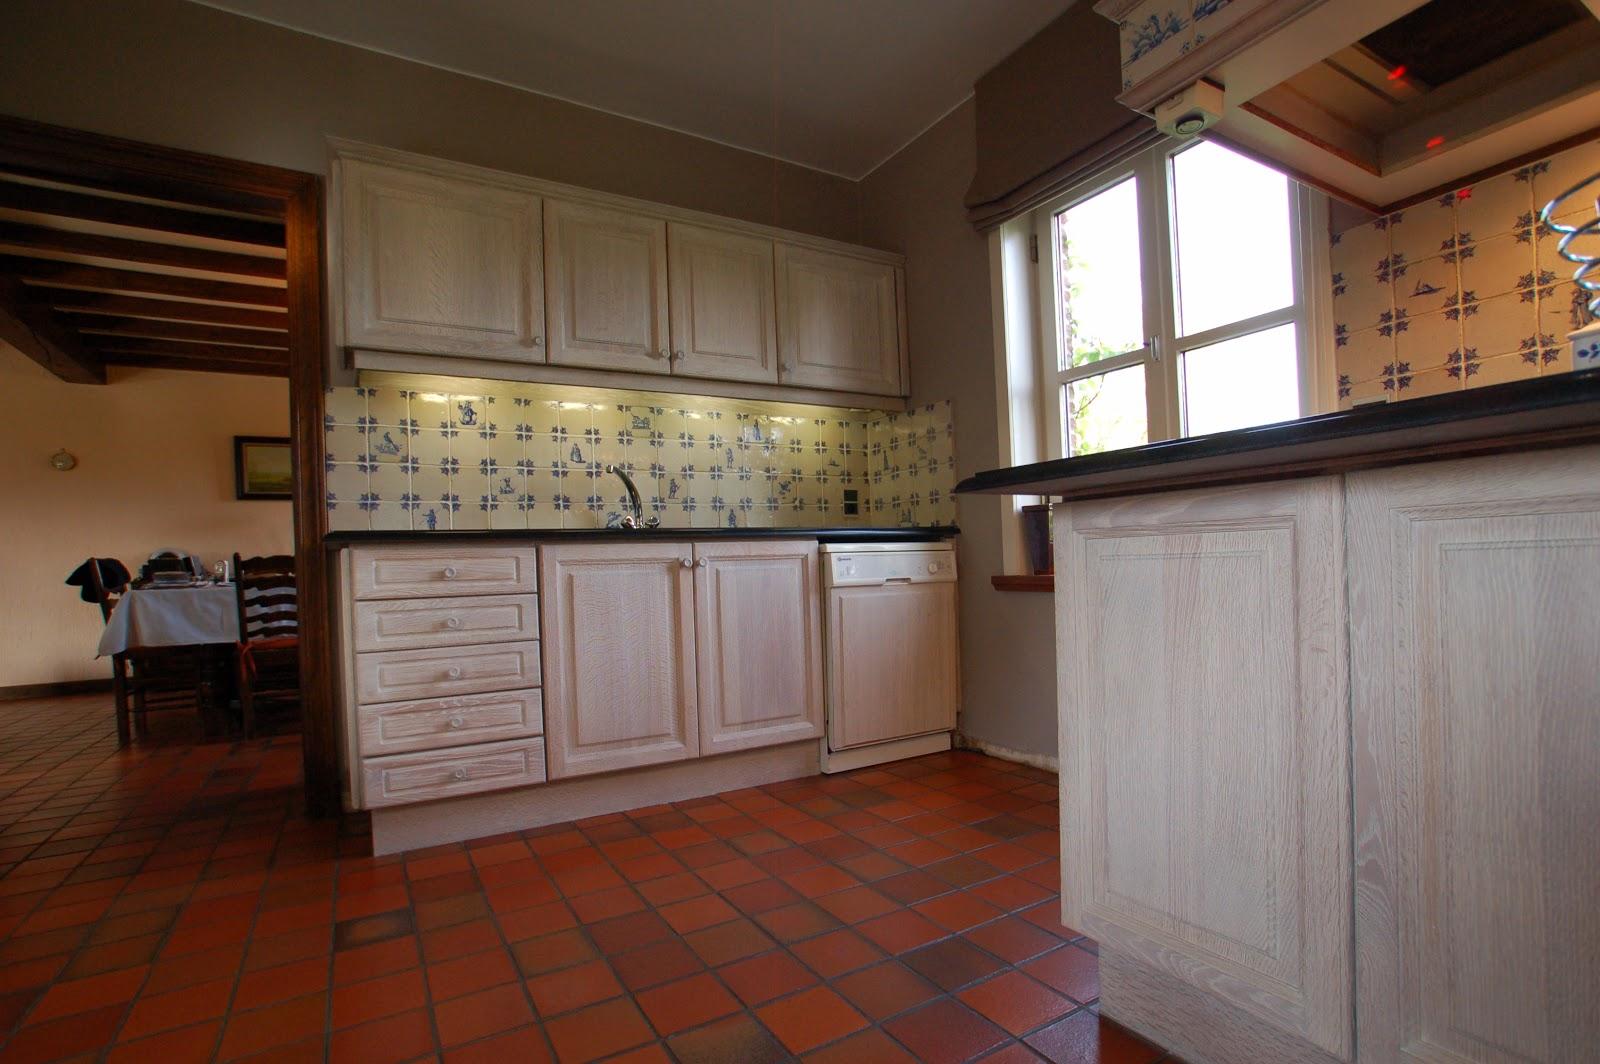 Eiken Keuken Grijs : Renovatie eiken keuken Brakel Renovatie van eiken keukens